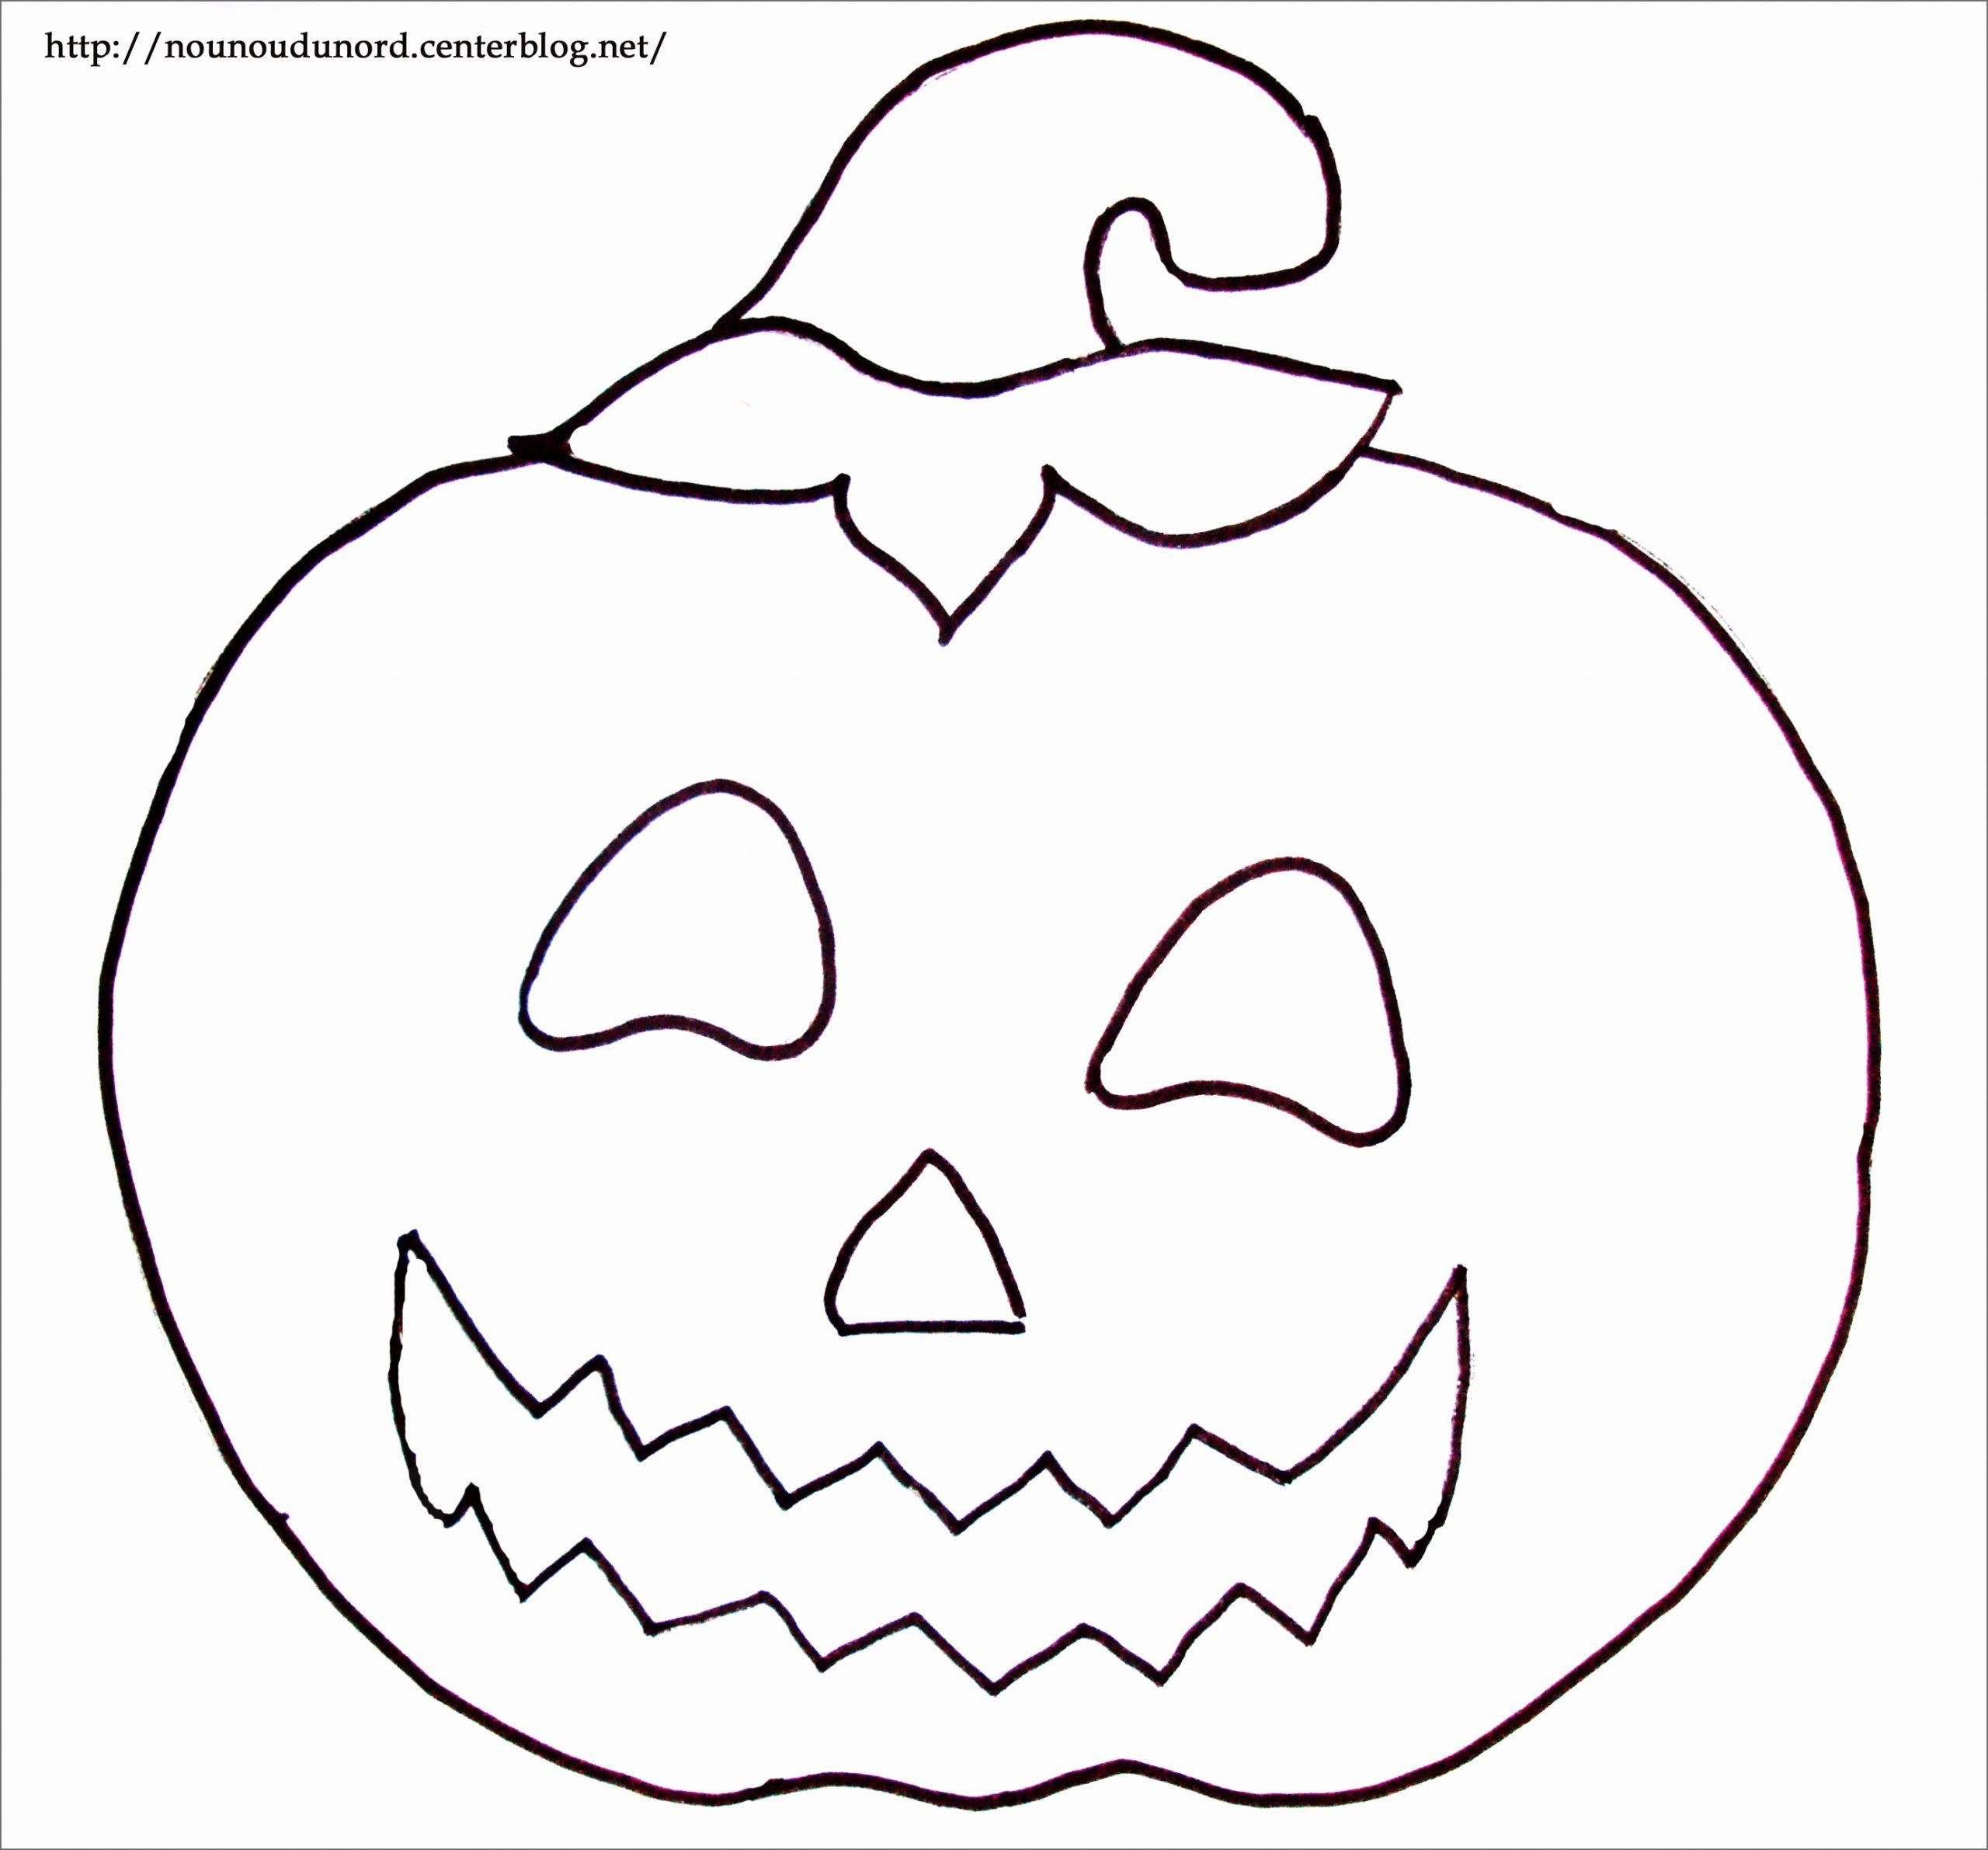 Coloriage Halloween A Imprimer Citrouille Génial Coloriages dedans Dessin Halloween Citrouille A Imprimer Gratuit